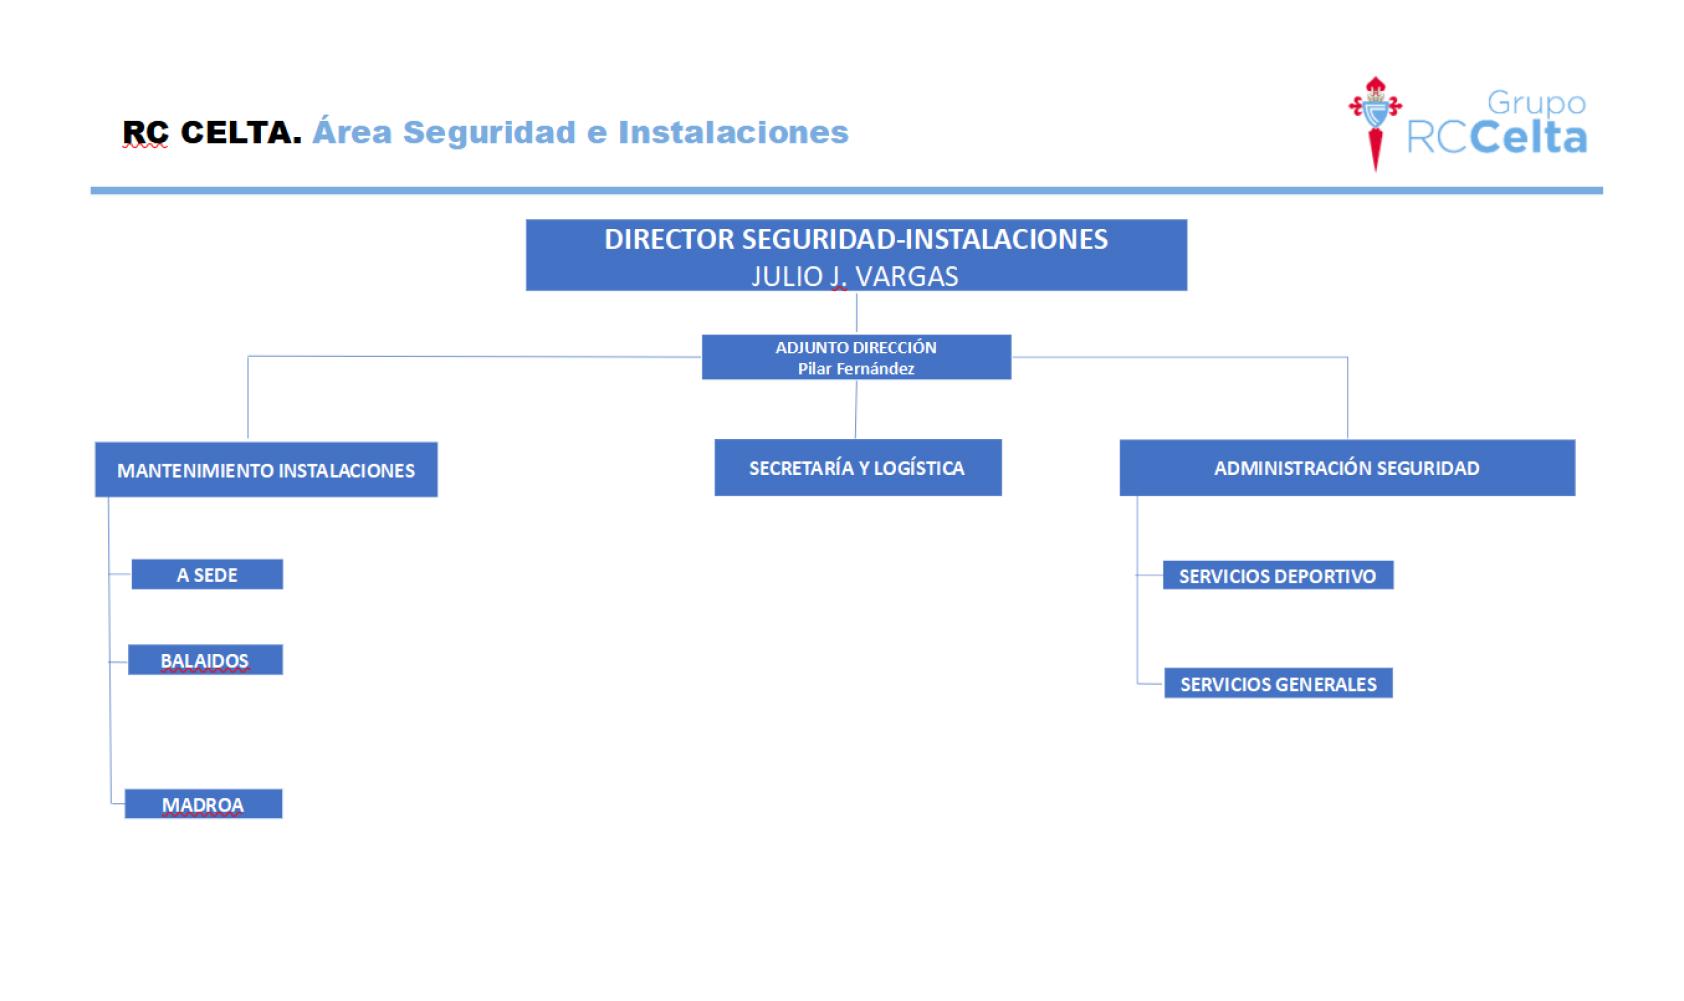 Esquema ES RC Celta Área Seguridad e Instalaciones